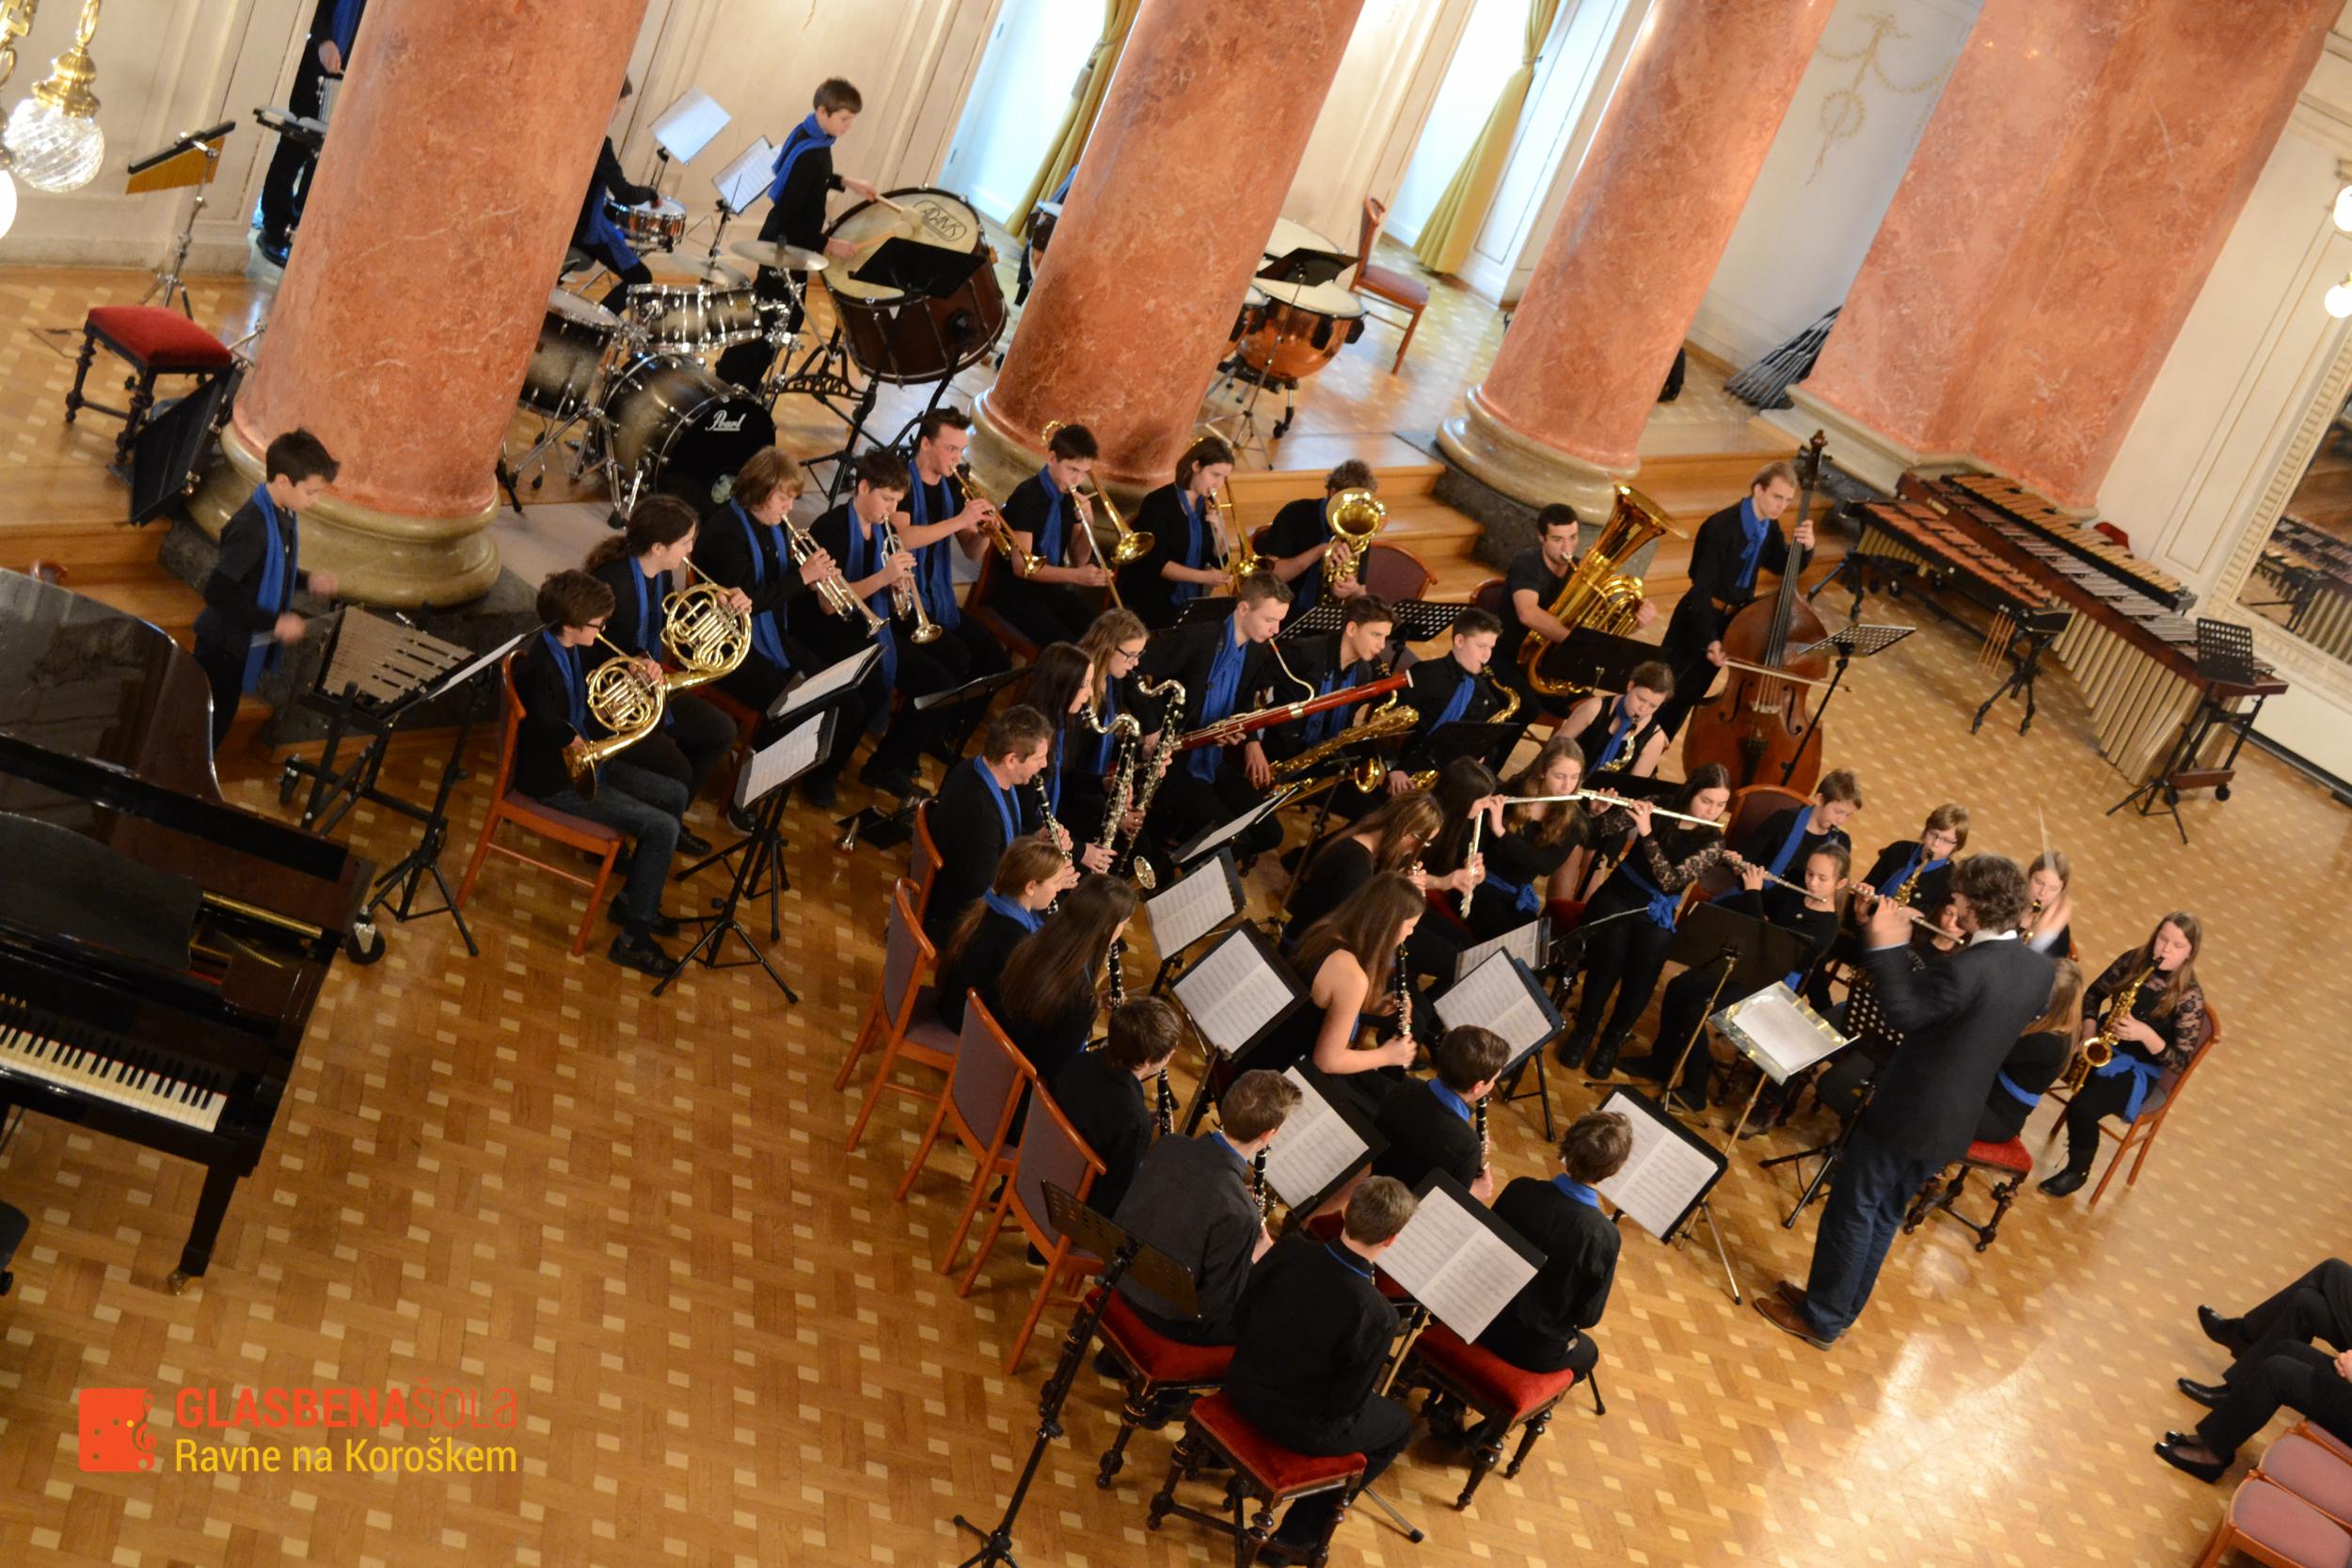 orkester_gs_ravne_rogaska-8